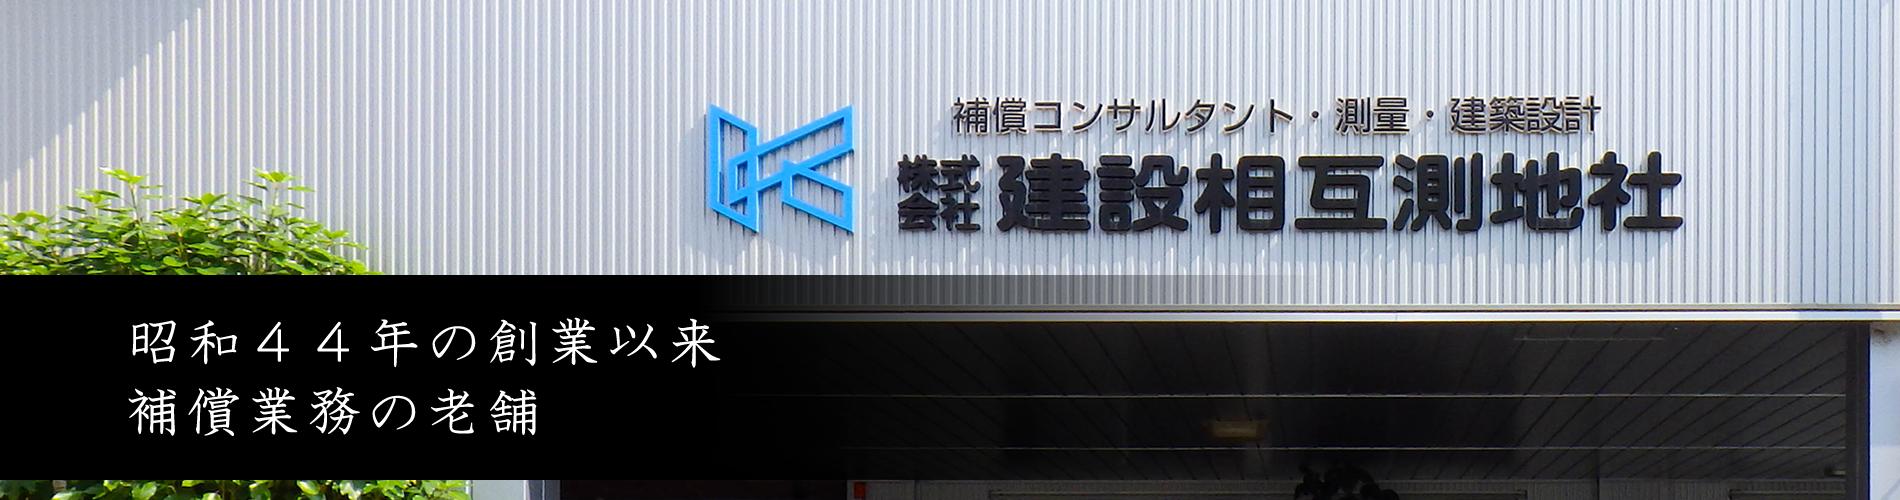 昭和44年の創業以来